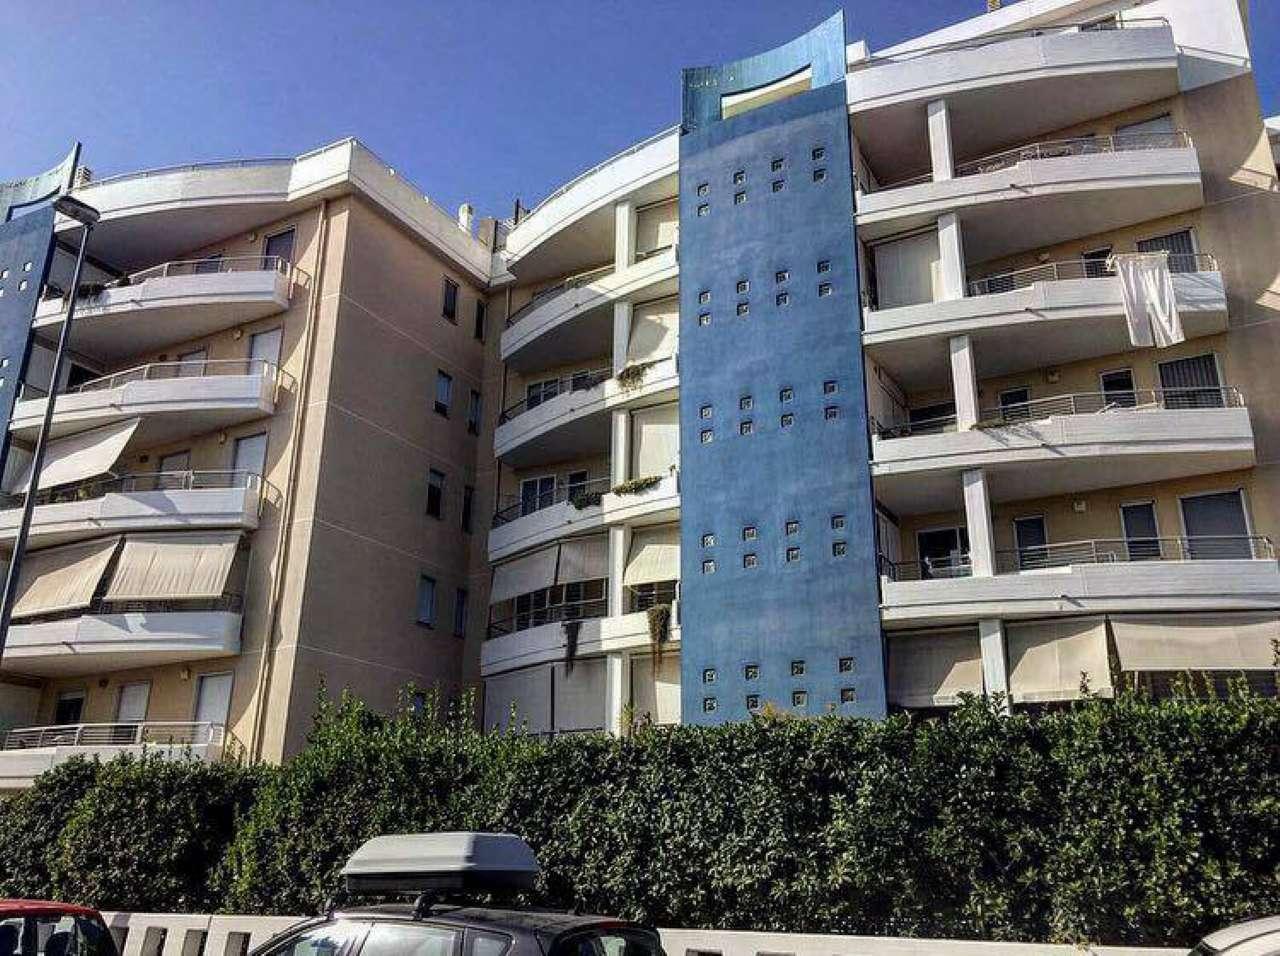 Appartamento in vendita a Modugno, 6 locali, prezzo € 340.000 | CambioCasa.it